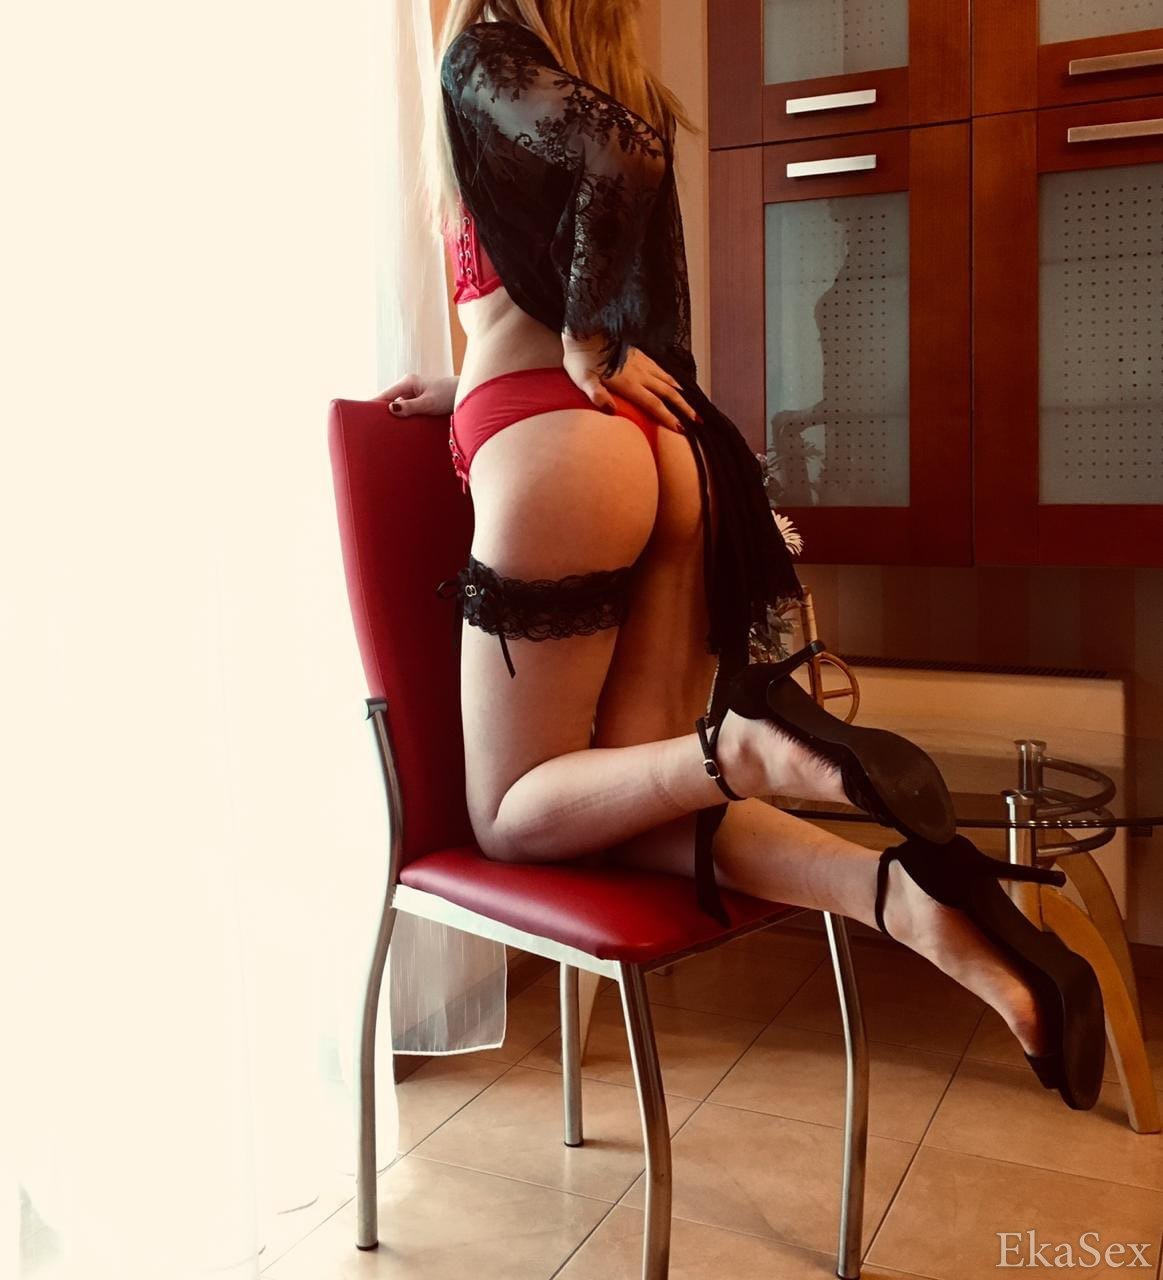 prostitutki-s-viezdom-ekaterinburg-uralmash-tak-potrahalsya